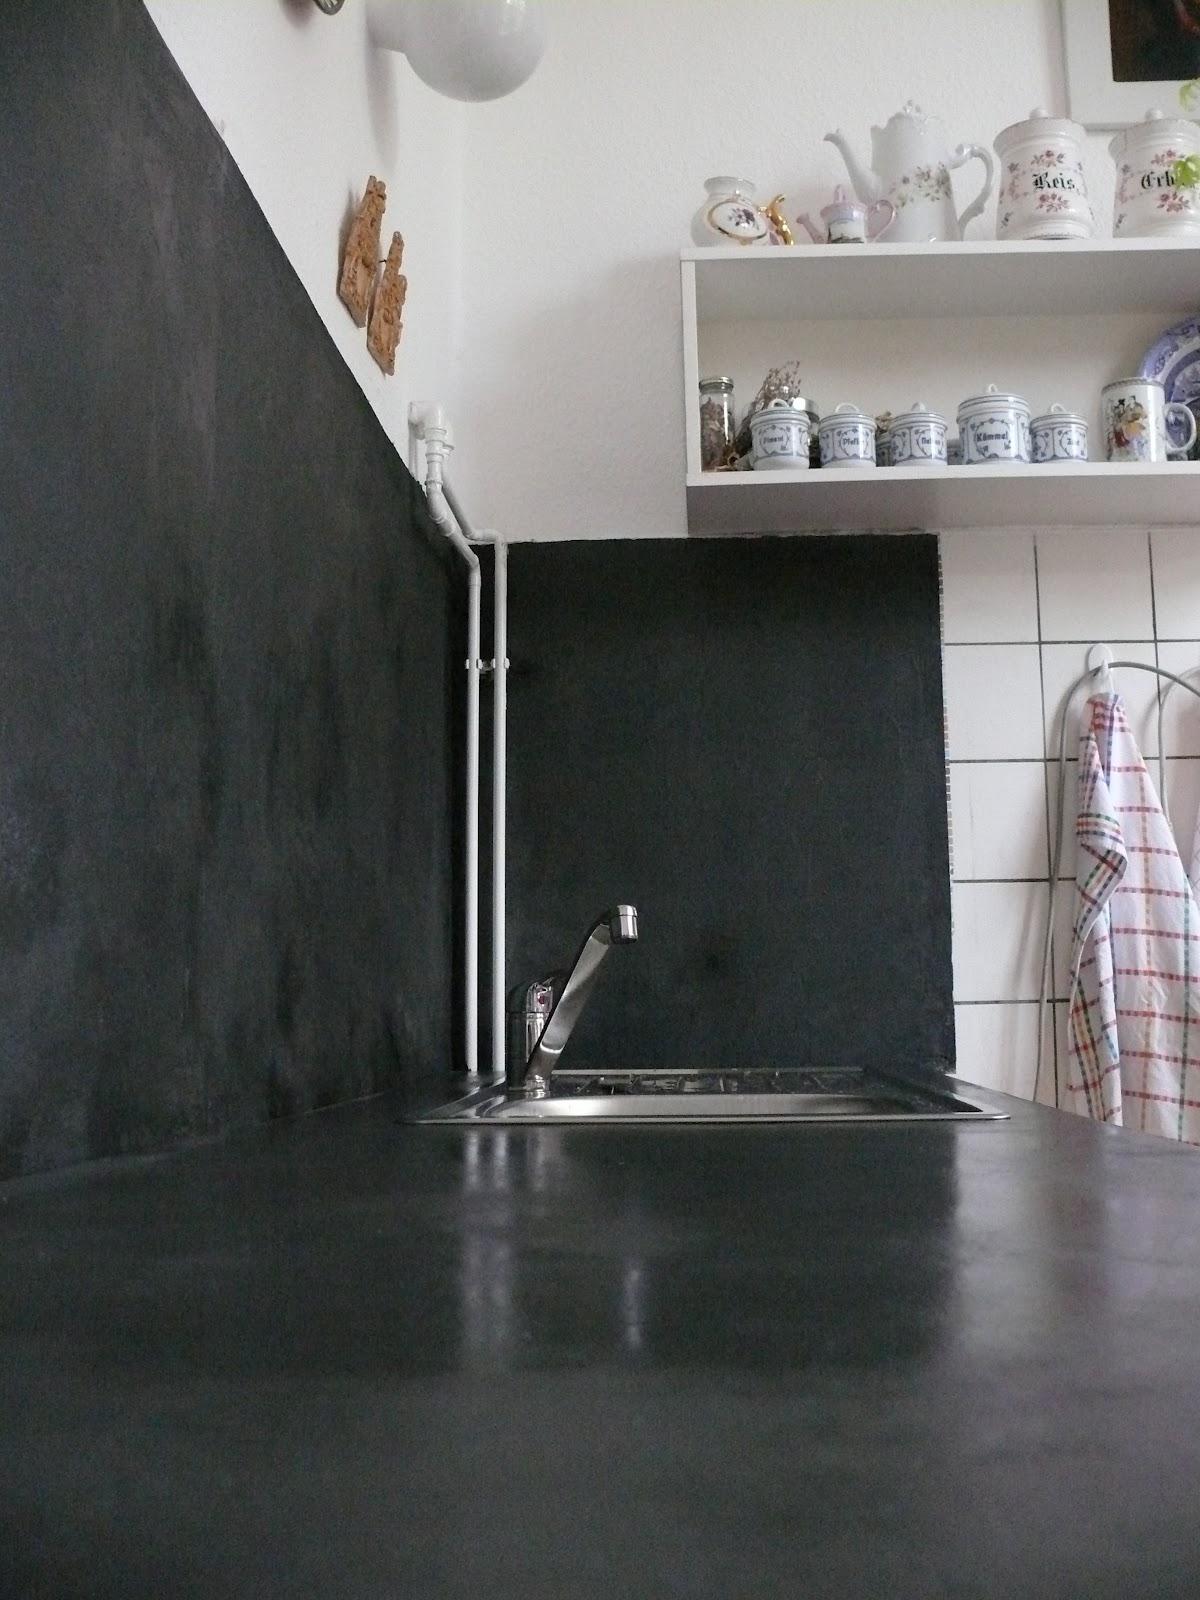 Schwarze Kuche Mit Betonarbeitsplatte Kuchenruckwand Spritzschutz